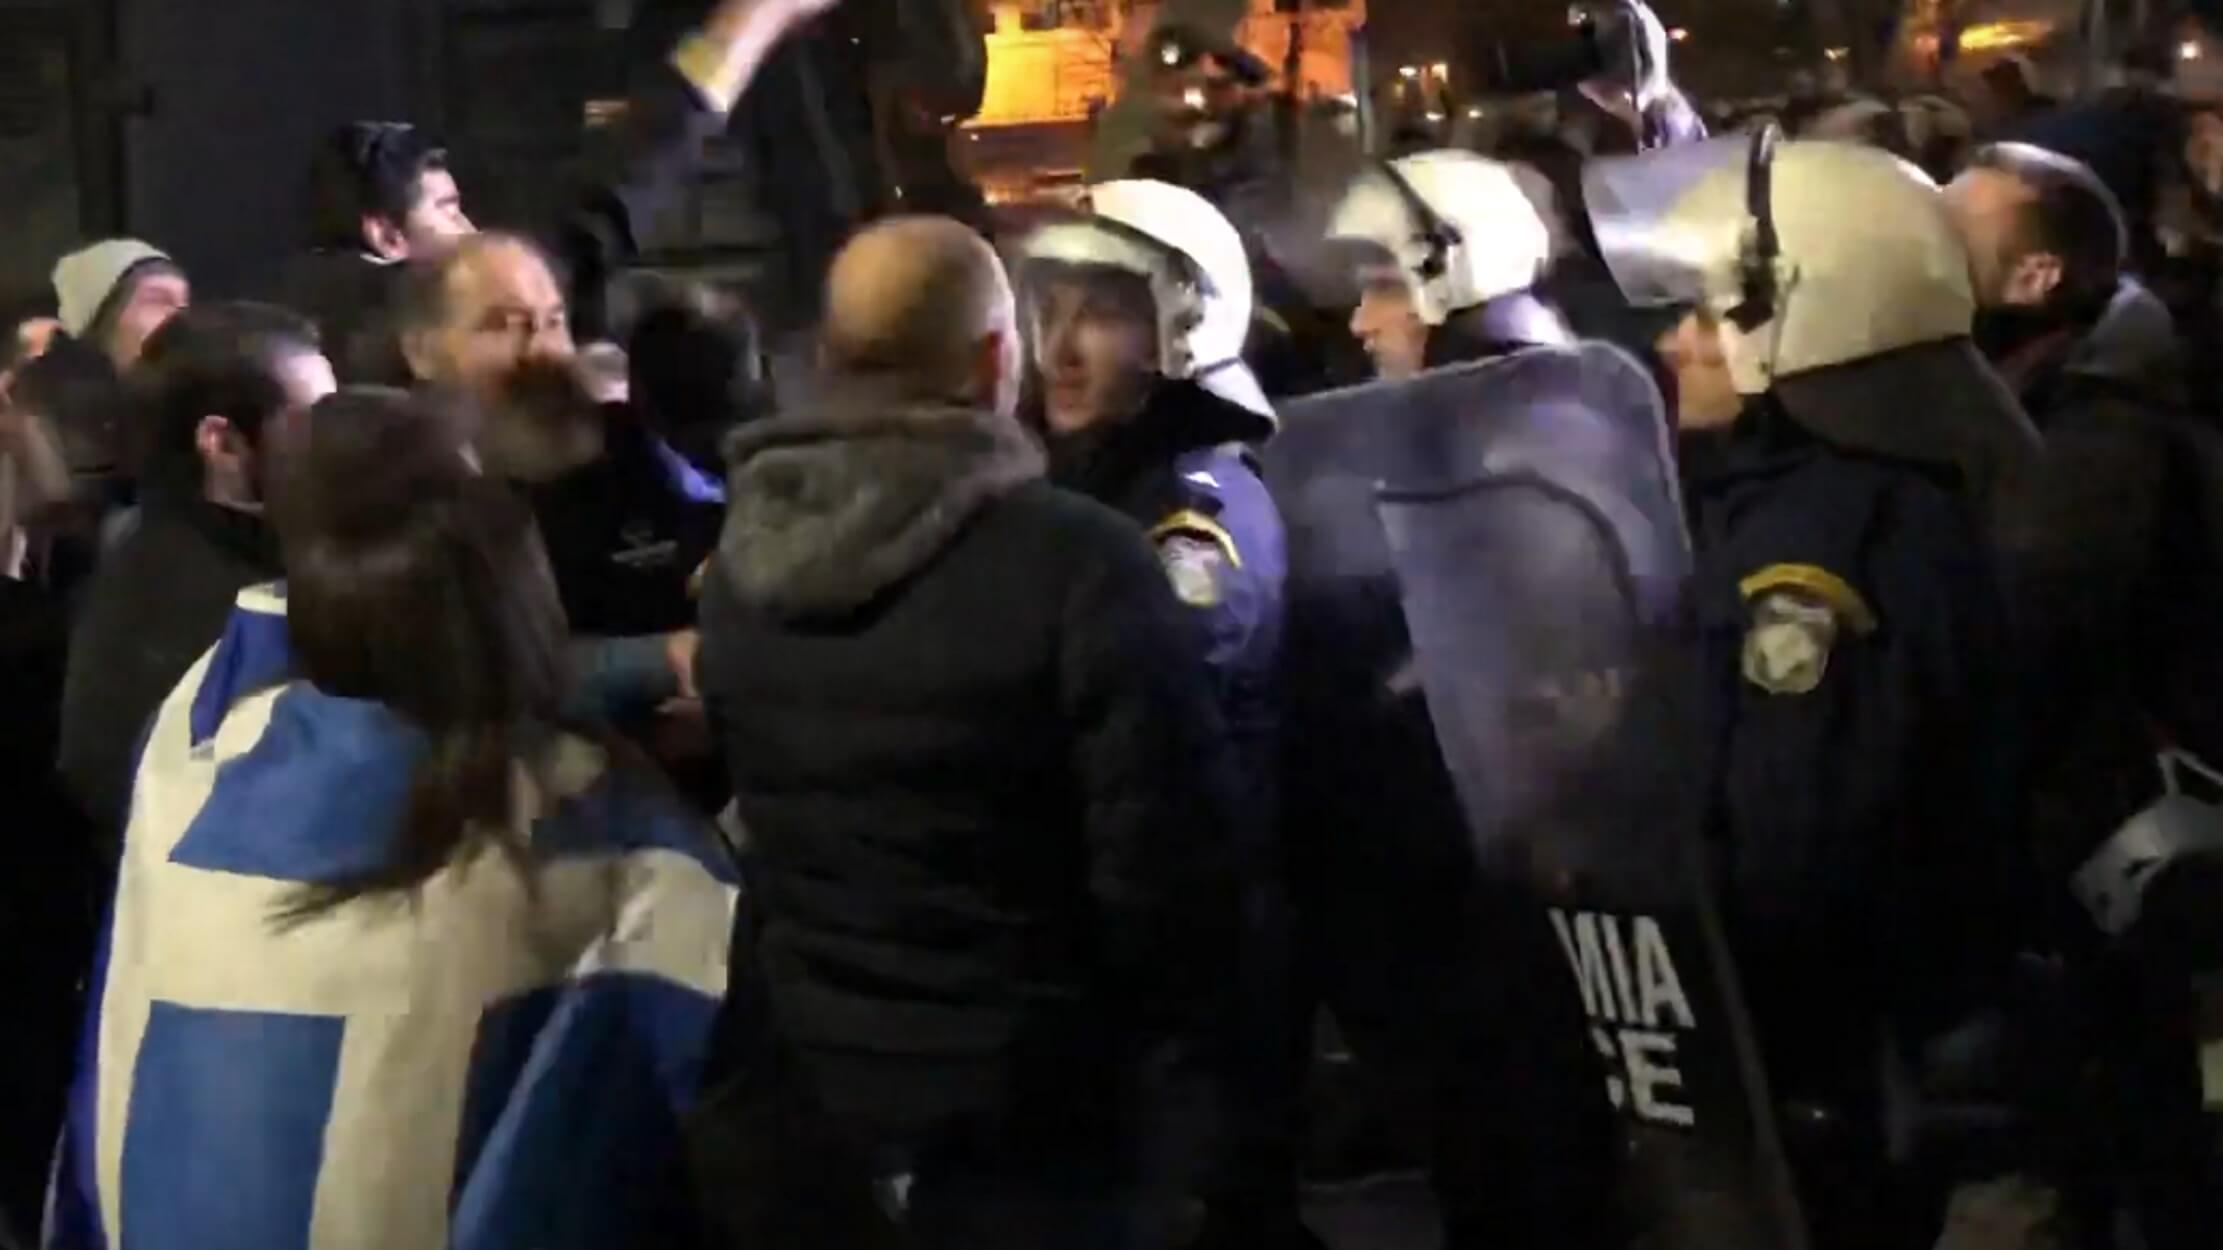 Θεσσαλονίκη: Ξύλο και δακρυγόνα – Μία σύλληψη και μία προσαγωγή – Γιούχα σε Παυλόπουλο – Νοτοπούλου – video